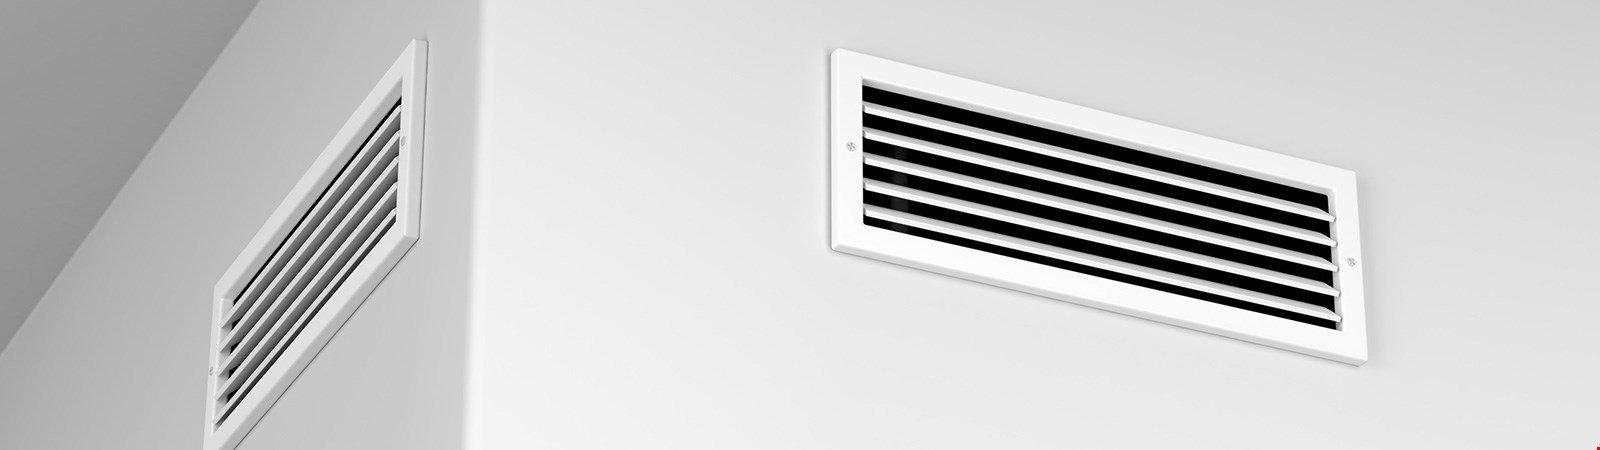 Lüftungsanlagen: So kommen Sie mit Komfort an die frische Luft